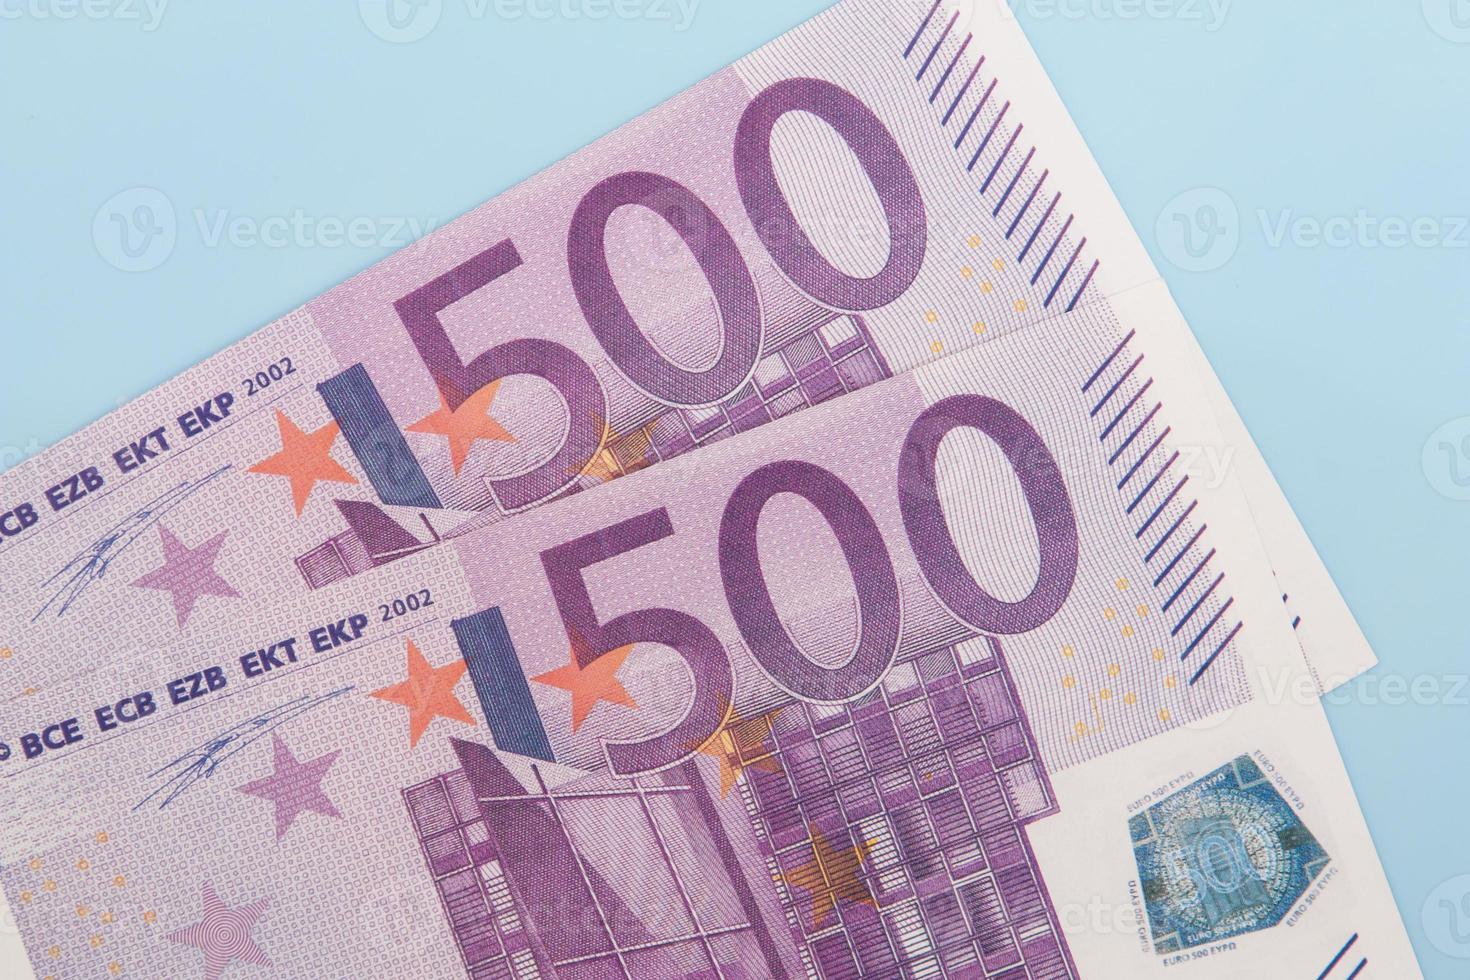 zwei 500-Euro-Scheine foto